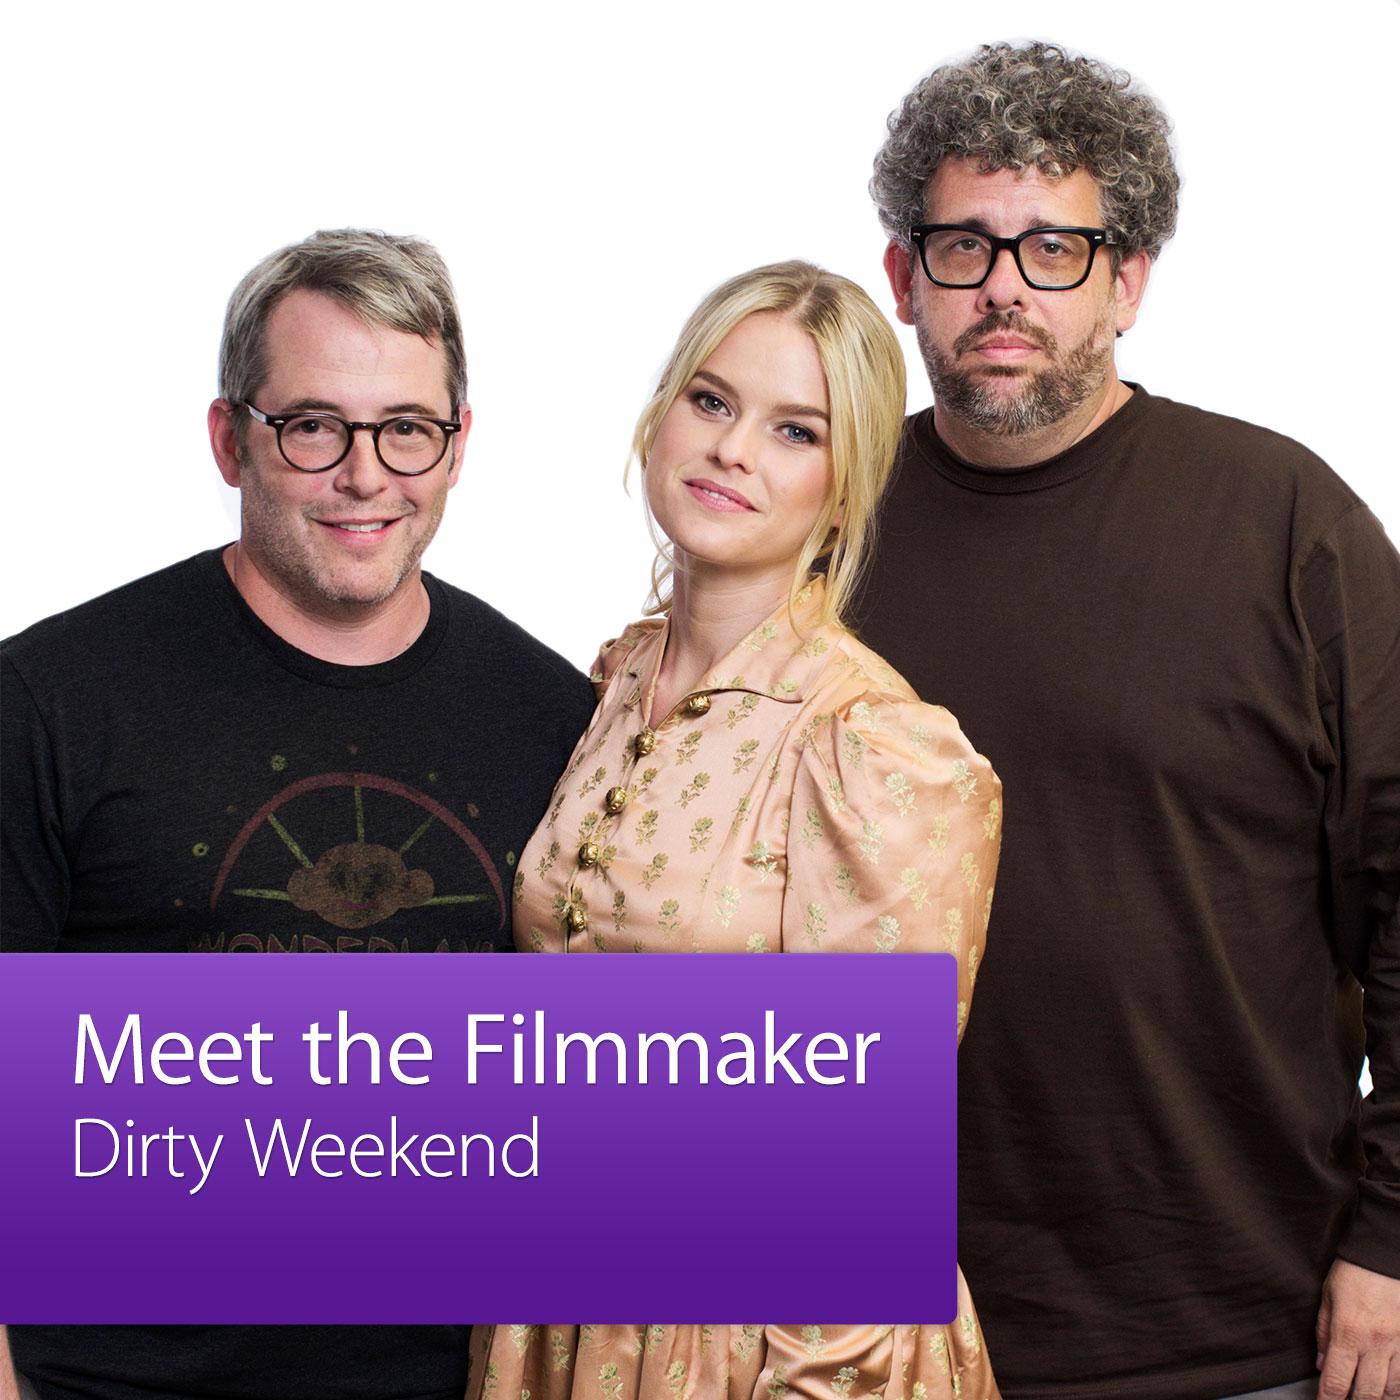 Dirty Weekend: Meet the Filmmaker